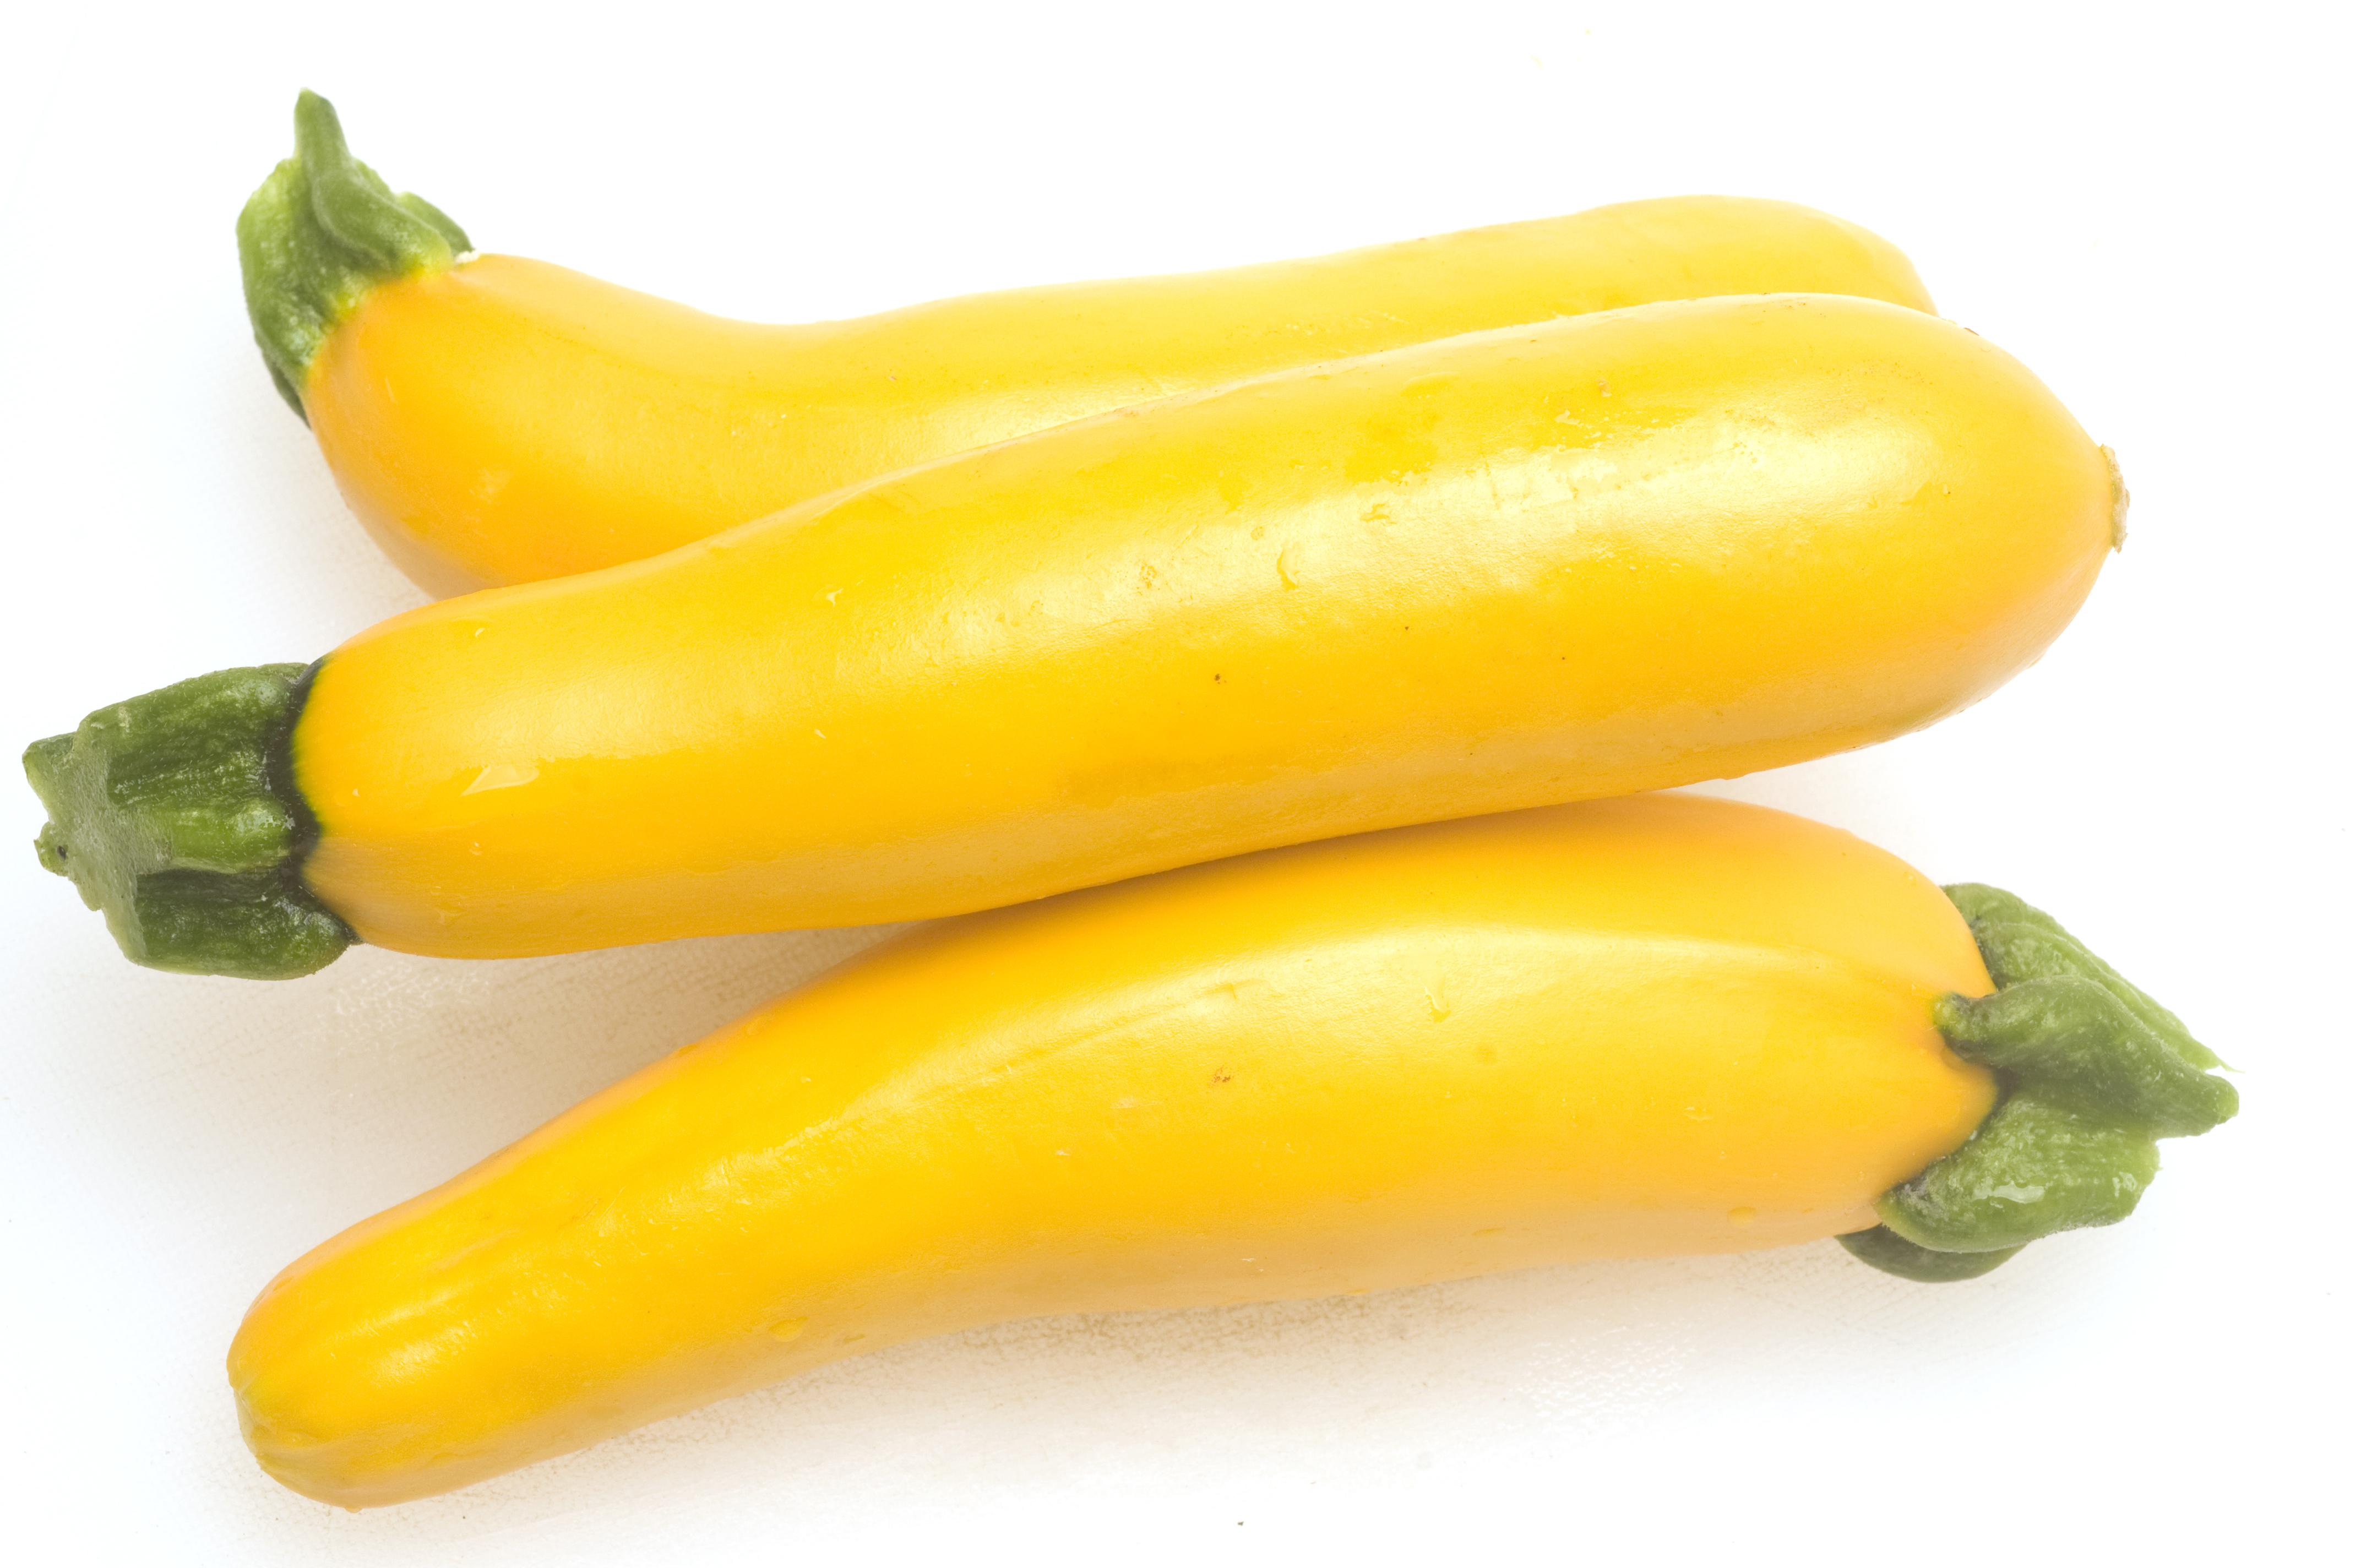 Goldgelbe Bio-Zucchini der Sorte 'Gold Rush' liegen nebeneinander